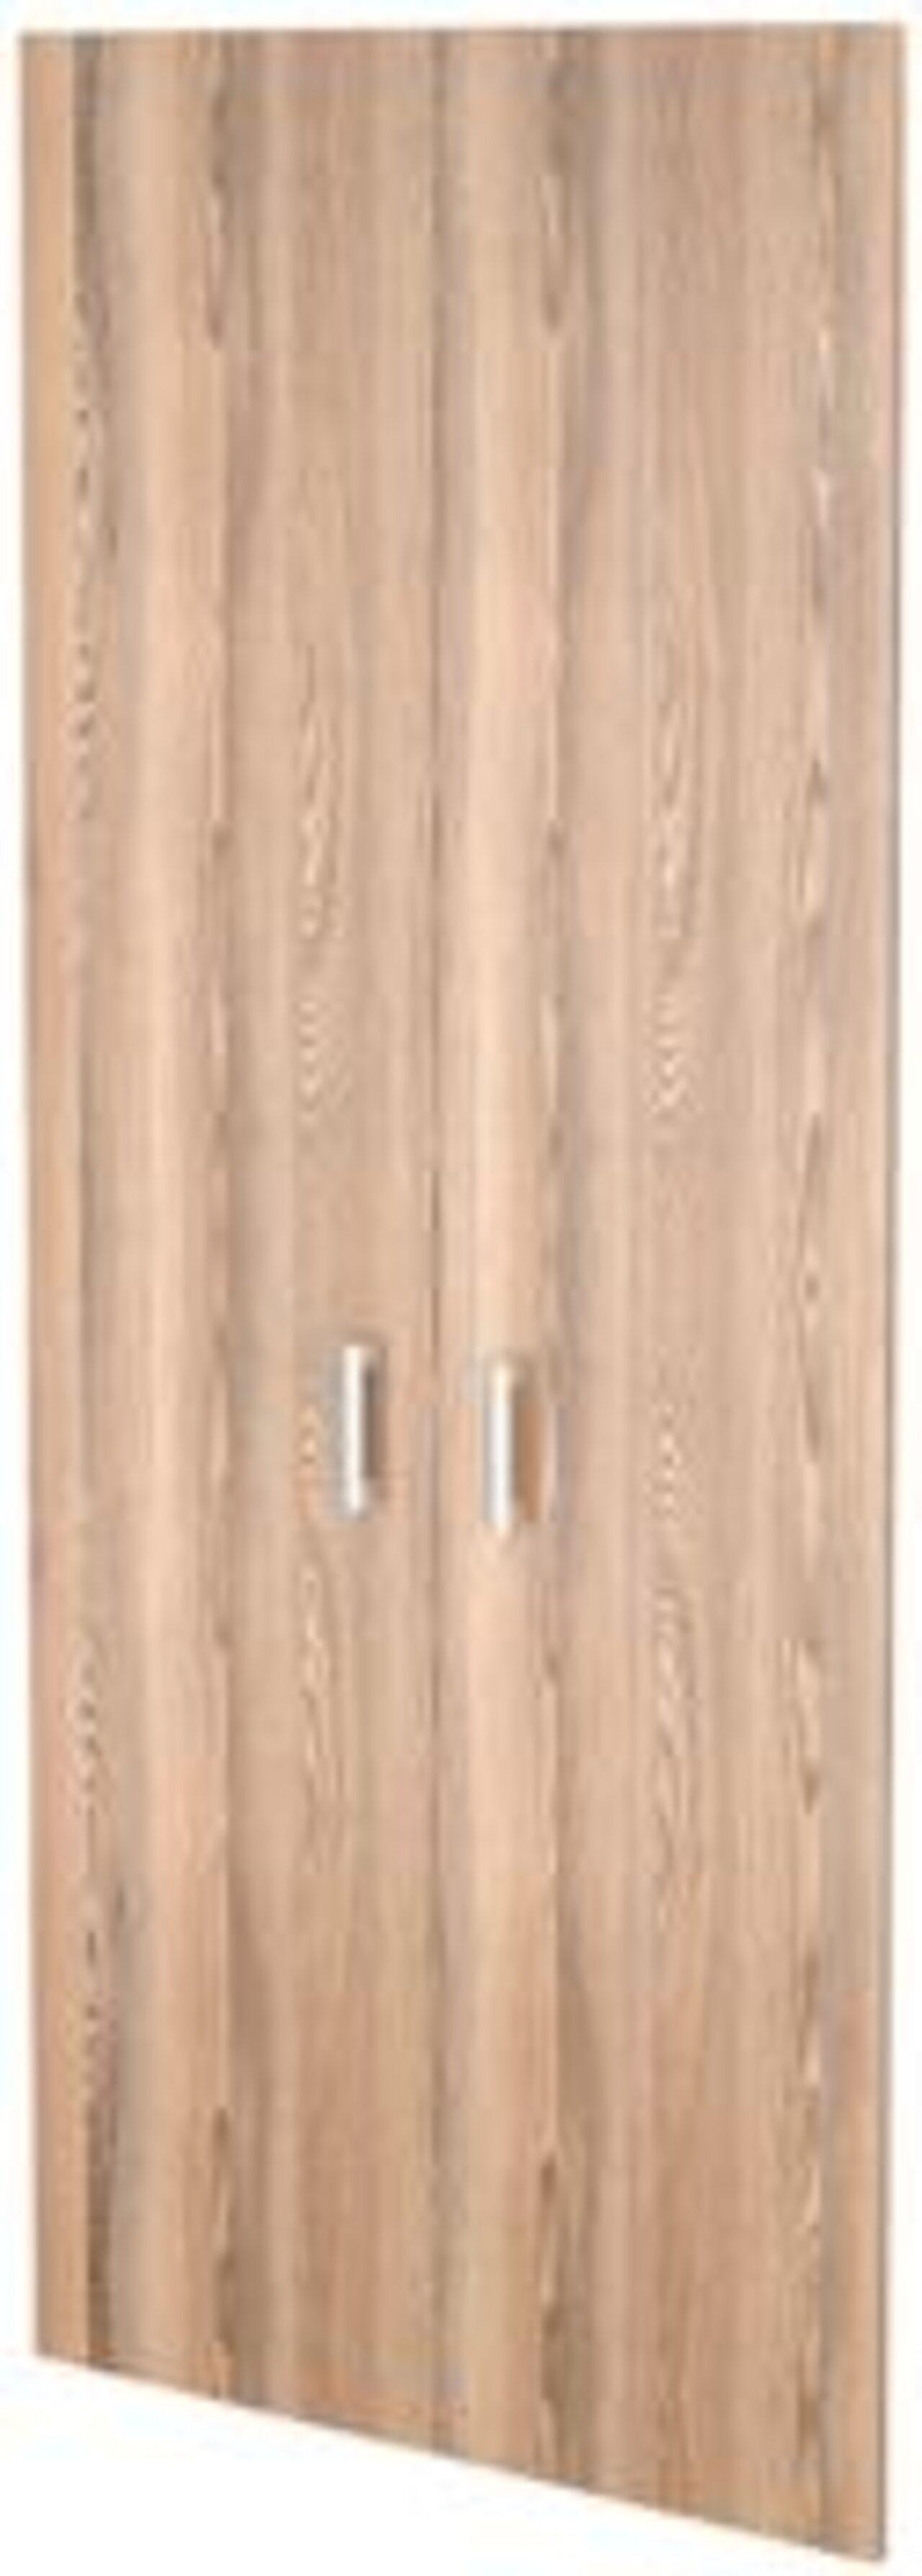 Двери из ЛДСП к широким стеллажам  Аргентум 78x2x195 - фото 1